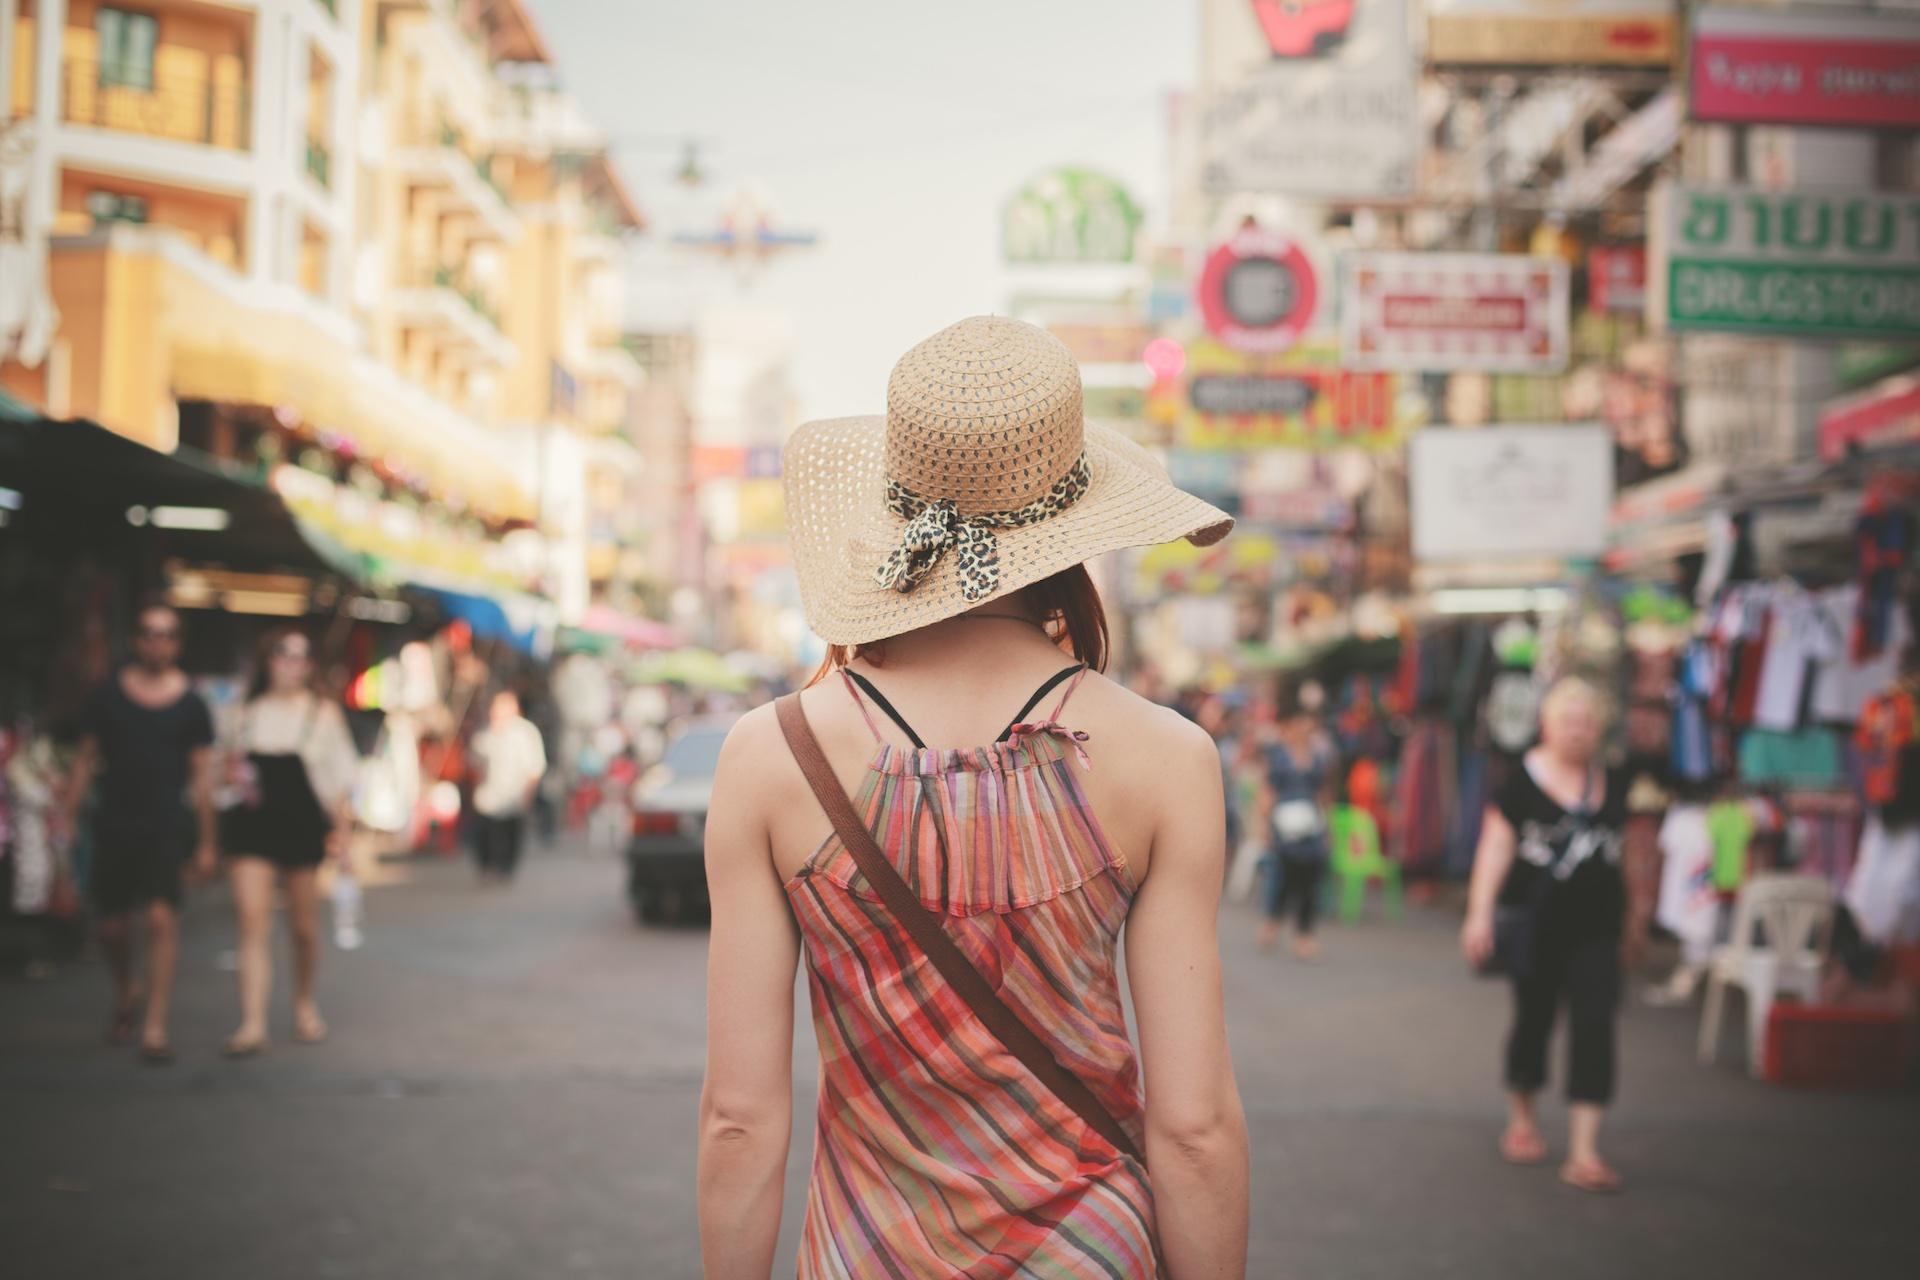 成人後的旅行,是找自己,還是顯示自己還是根本不知道自己要什麼?